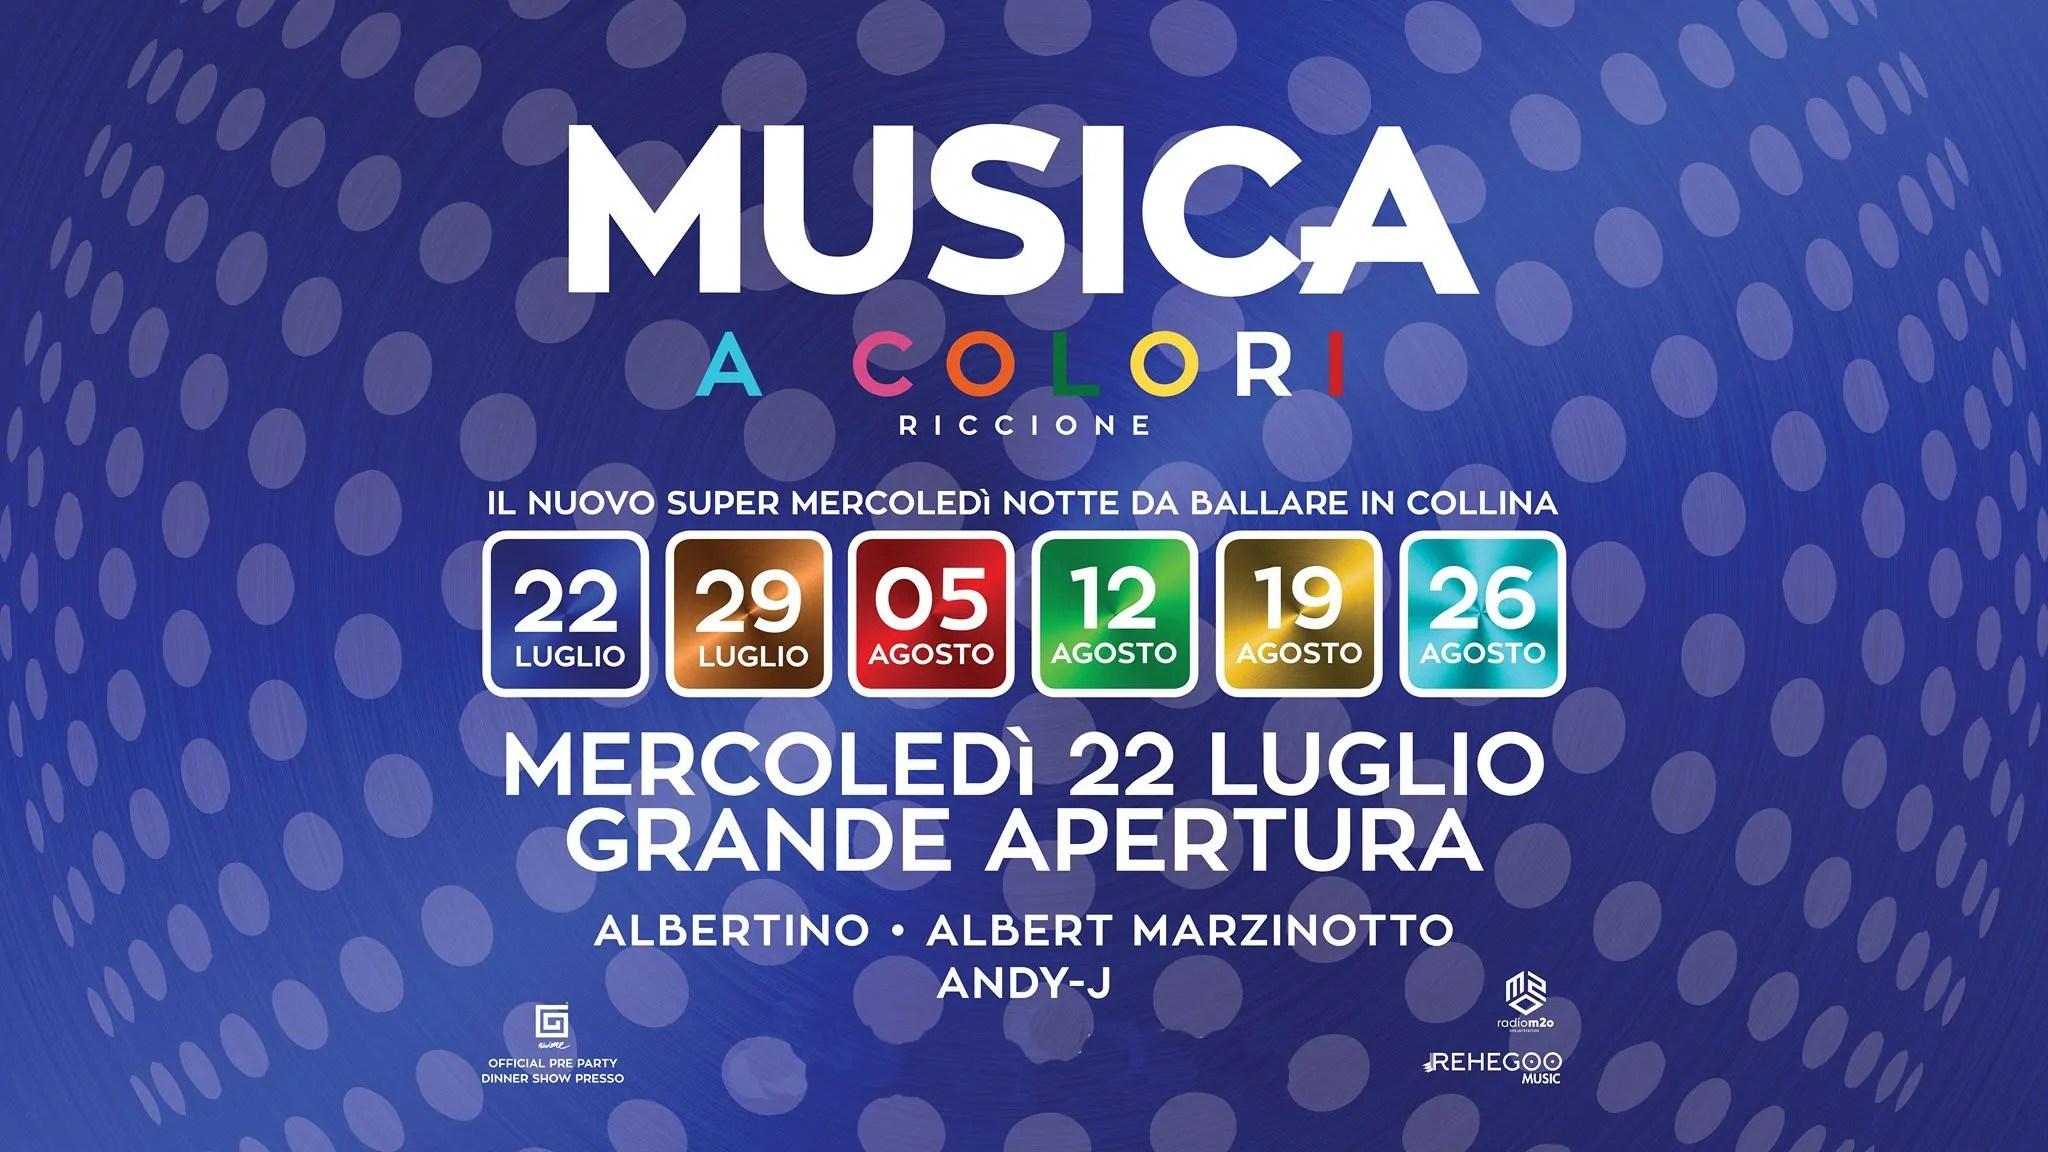 Musica Riccione Mercoledi